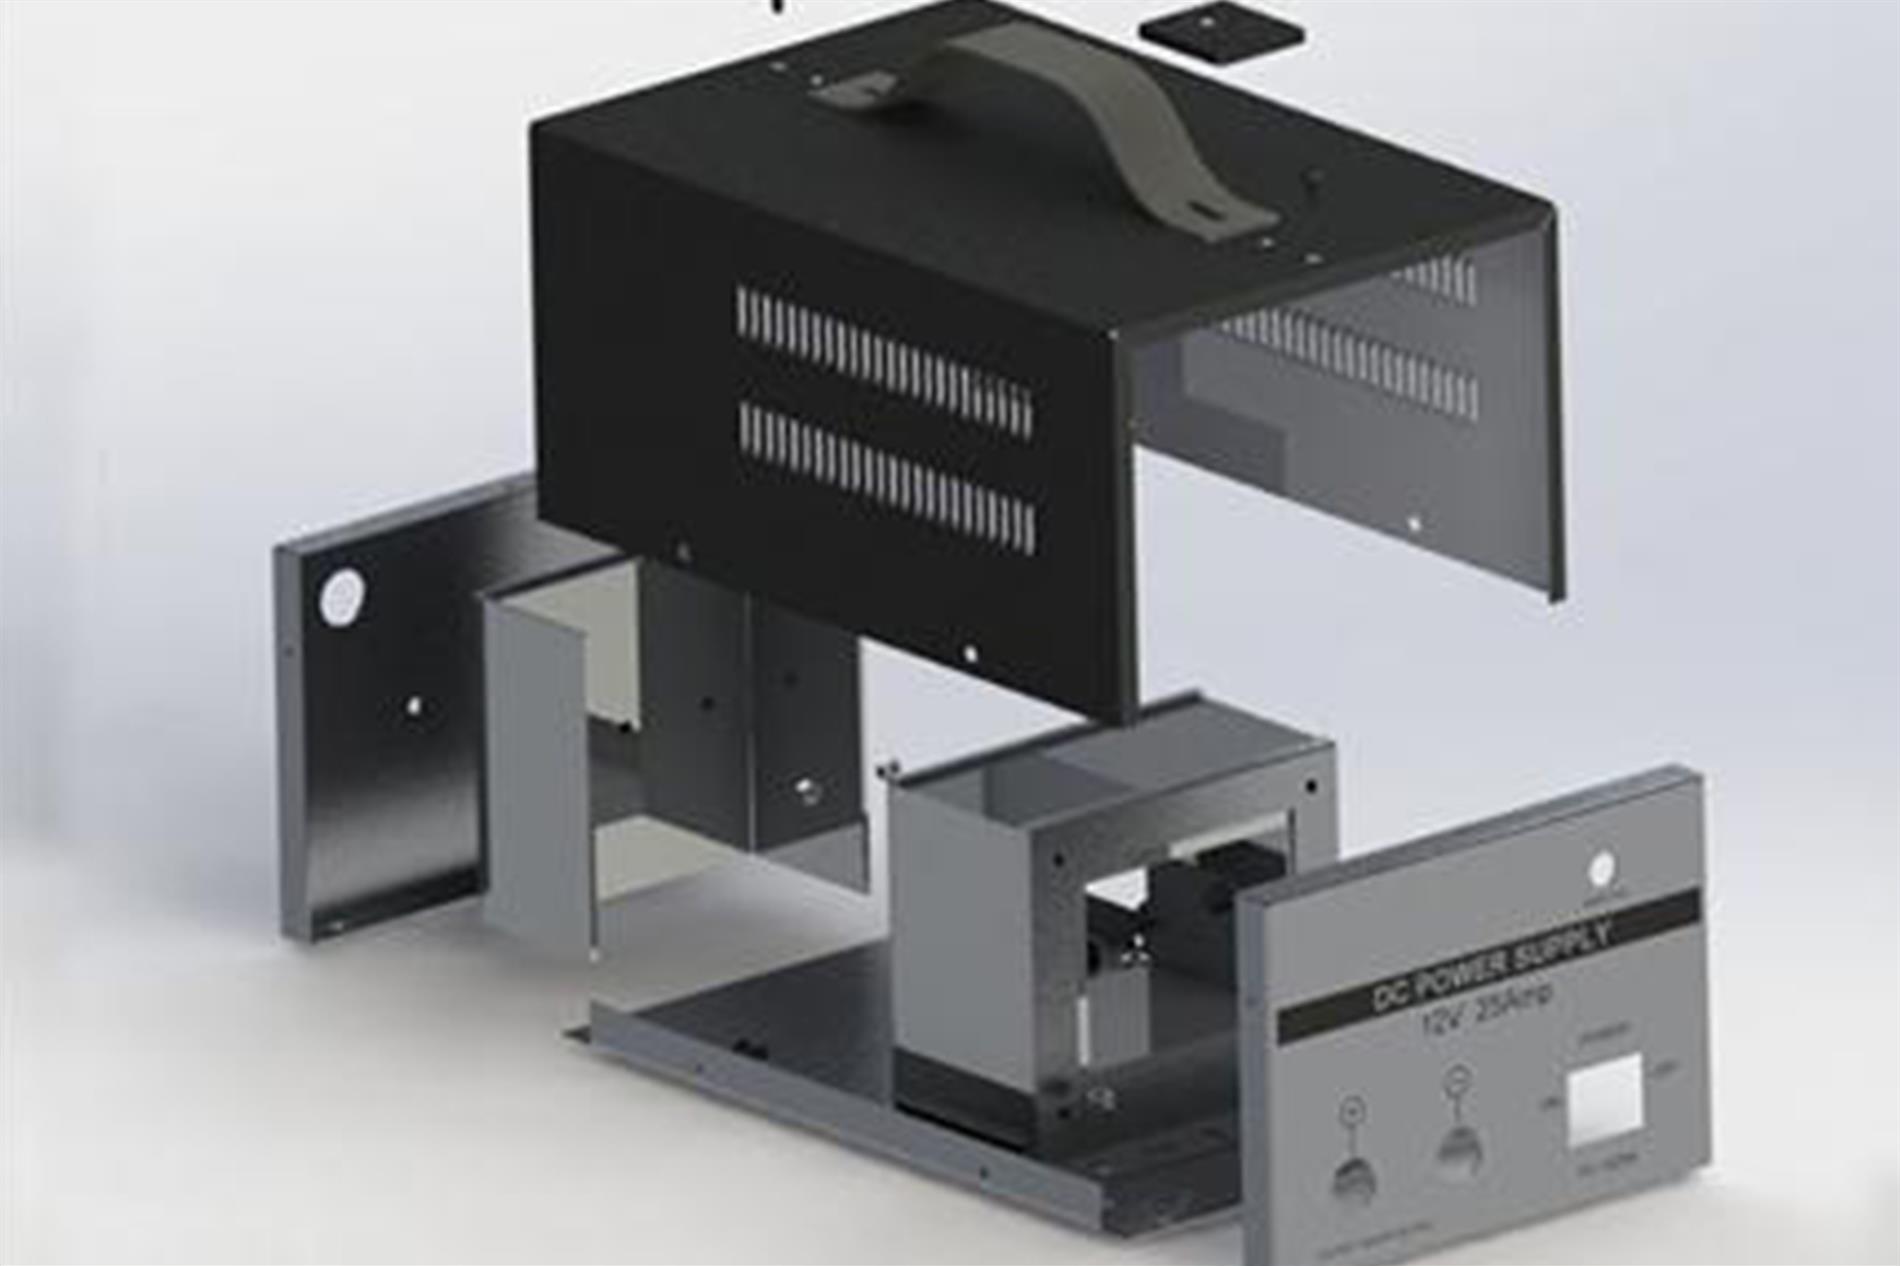 تولید باکس های فلزی به وسیله برش های لیزری - گروه صنعتی ایران فلز